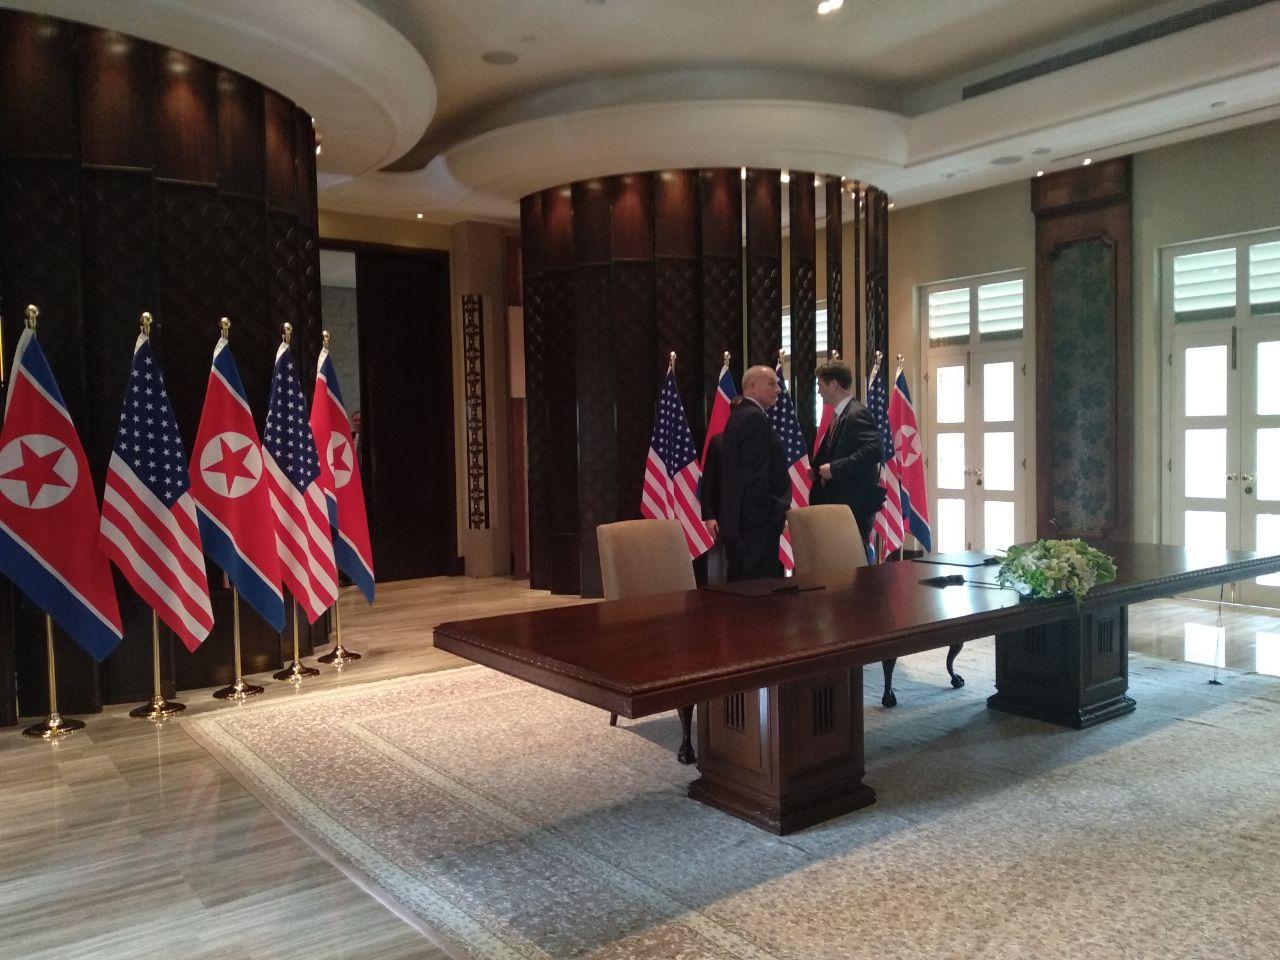 """Mỹ, Triều Tiên bắt đầu lễ ký thỏa thuận tại khách sạn Capella. Sau bữa tiệc trưa làm việc, hai nhà lãnh đạo đã cùng nhau đi dạo. Tổng thống Trump cho biết ông đã có một cuộc gặp """"thật sự tuyệt vời"""" với nhà lãnh đạo Triều Tiên Kim Jong-un và hai bên đạt được """"nhiều tiến triển"""". Đây là cơ sở để Mỹ và Triều Tiên ký văn kiện nói trên. Trước đó, Tổng thống Trump và nhà lãnh đạo Kim Jong-un đã có 41 phút hội đàm kín, tiếp sau đó là cuộc gặp song phương mở rộng với sự tham gia của quan chức hai nước. Phát biểu với báo giới sau cuộc hội đàm riêng, Tổng thống Trump cho hay hai bên đã có một cuộc hội đàm"""